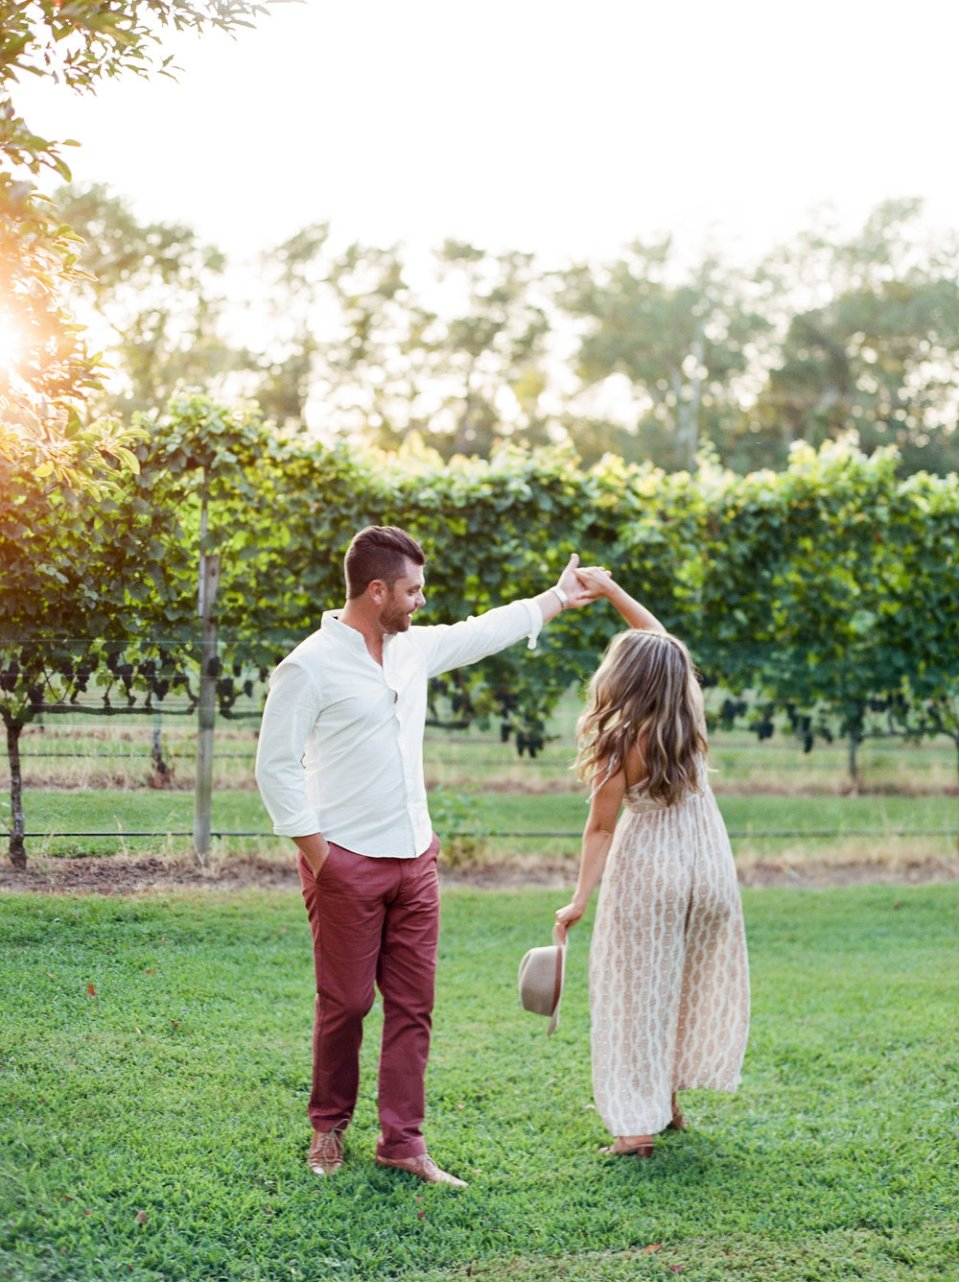 WineryEngagementSessiononFilmbyMagdalenaStudios 17